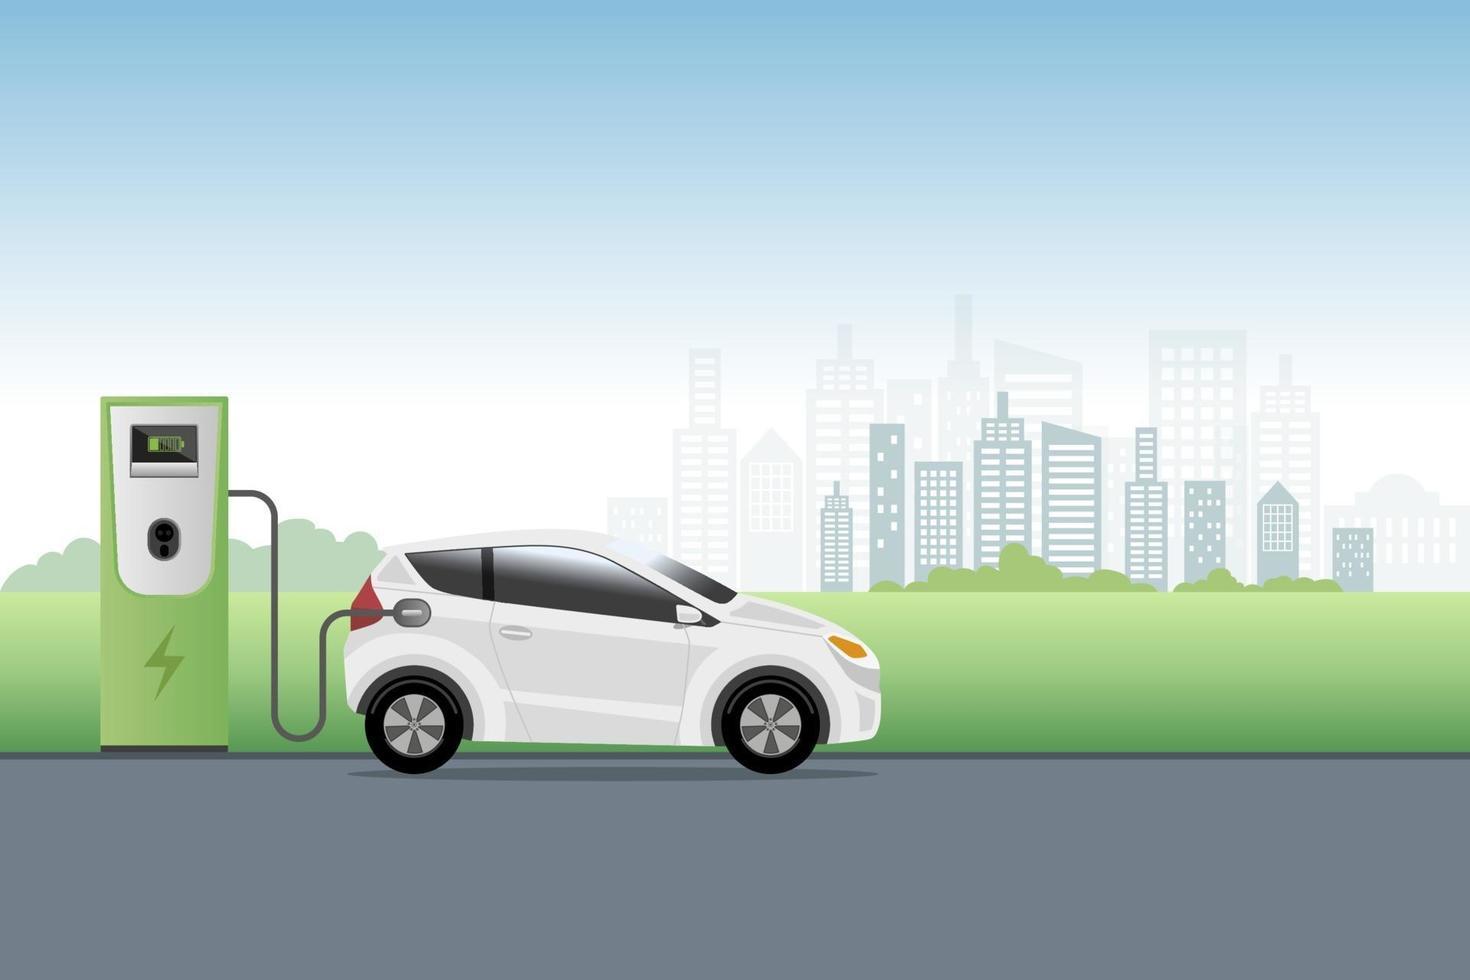 elbil laddning på laddarens servicestation framför ekostadsbakgrund. hybridfordon, miljövänligt bil- eller elfordonskoncept. vektor